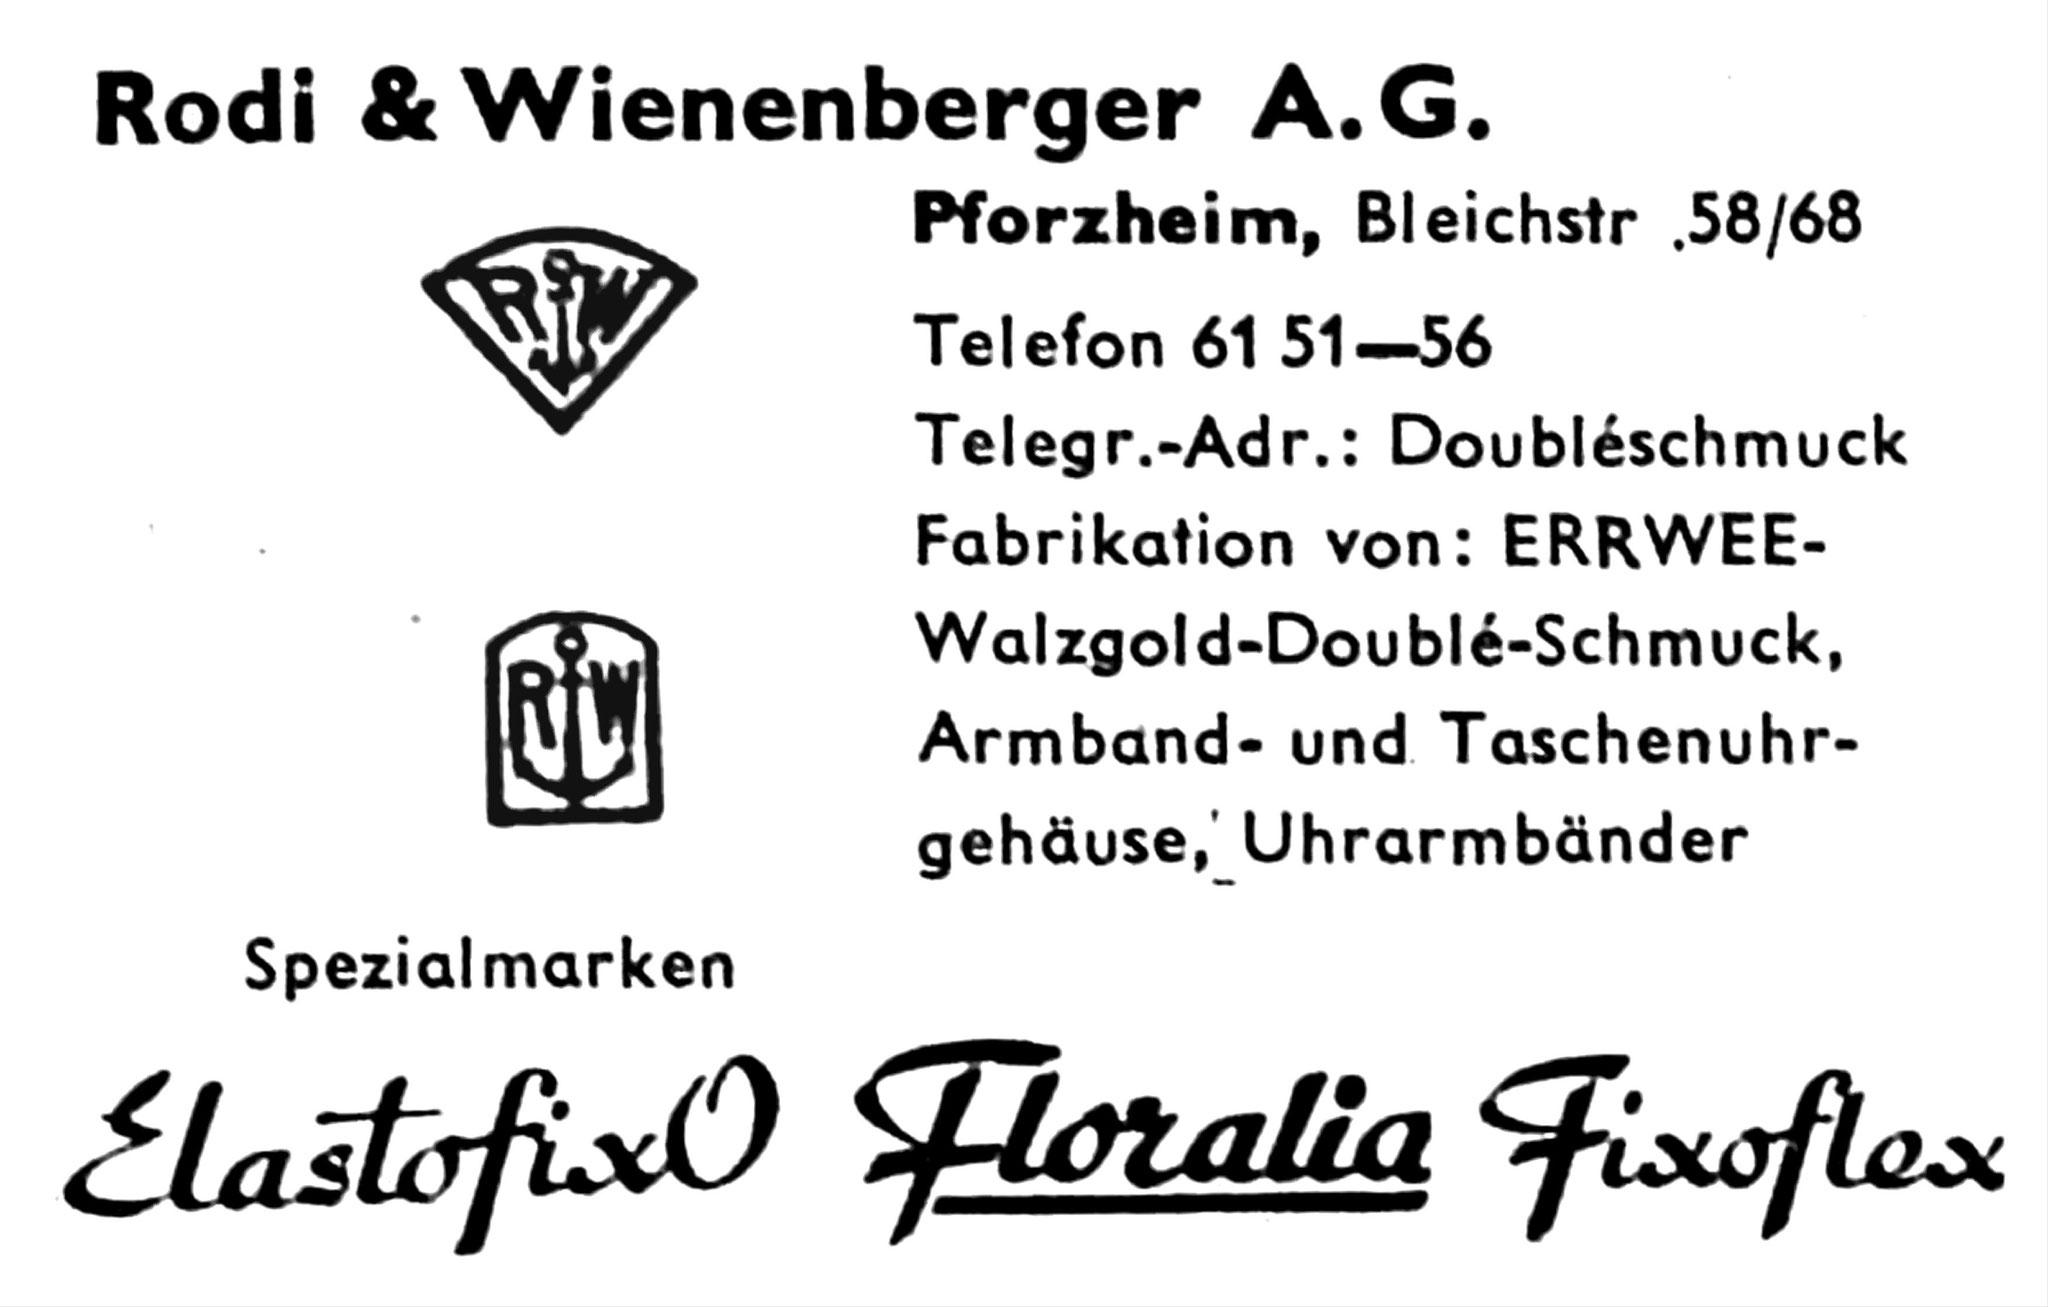 Quelle: Fachzeitschrift Die Uhr Nr. 20 von 1955 S.41